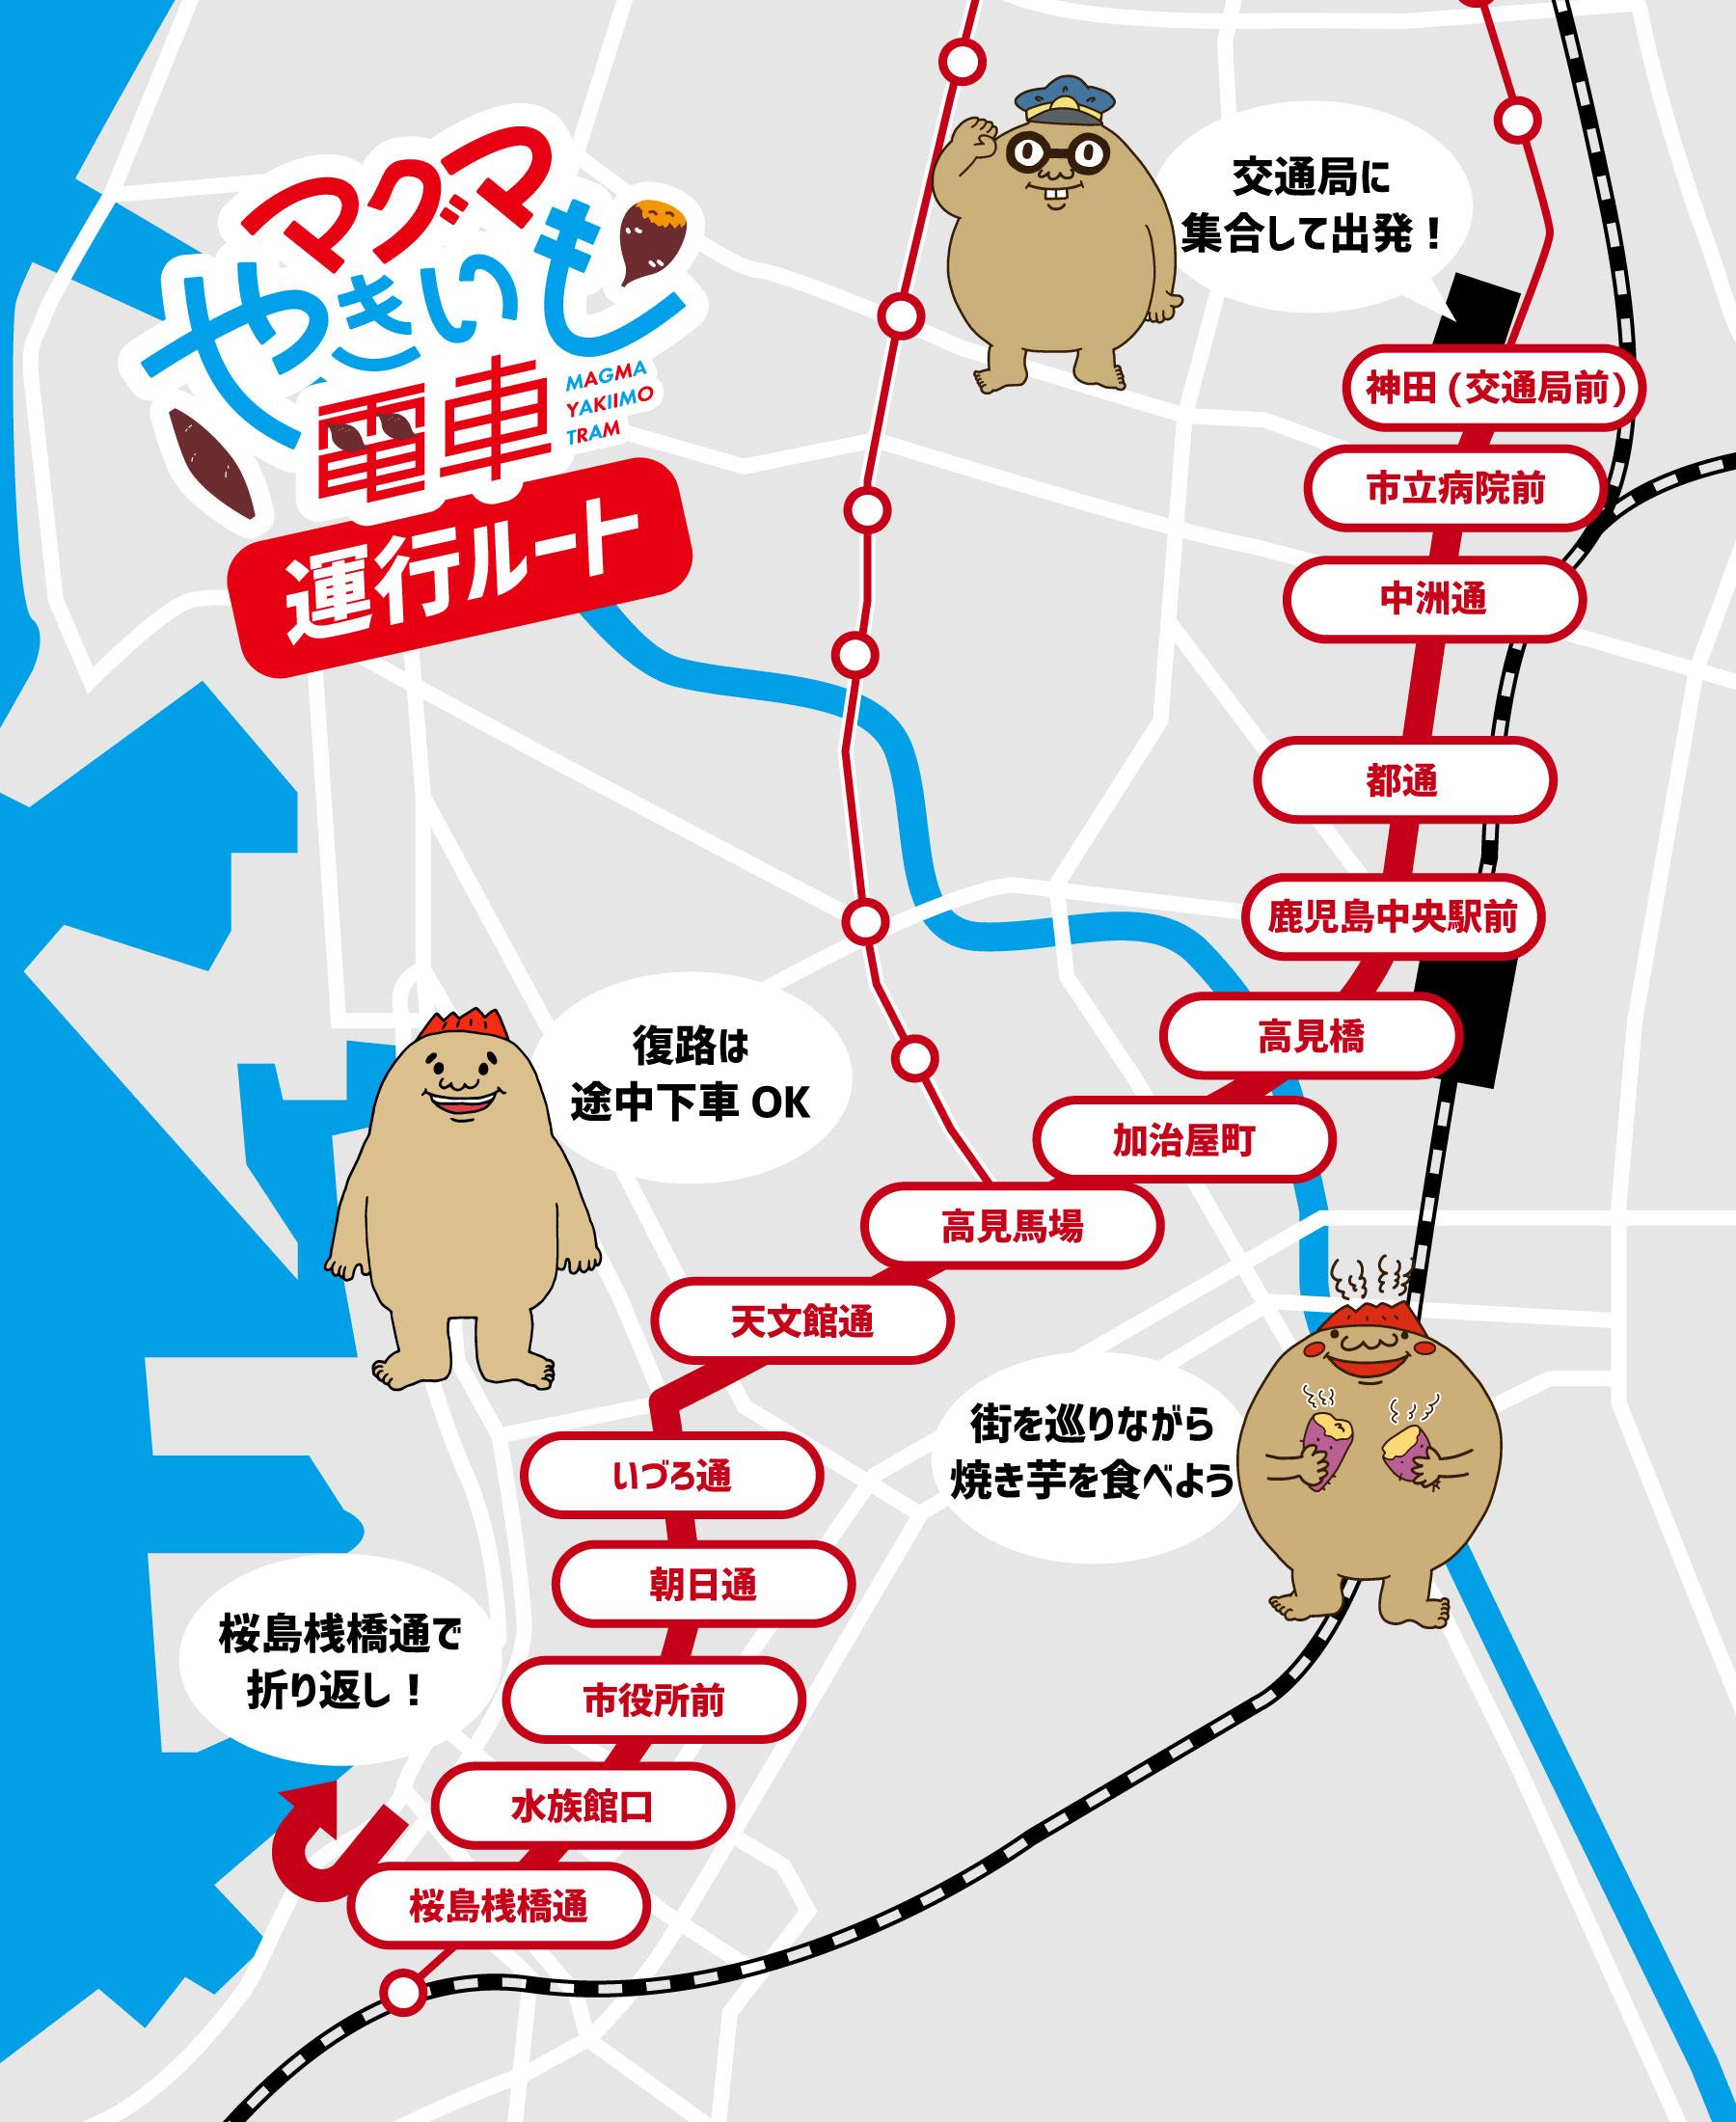 イベント名マグマやきいも電車 運行日【第一弾】2月11日(木・祝)〜14日(日) 【第二弾】2月19日(金)〜21日(日) イメージ画像